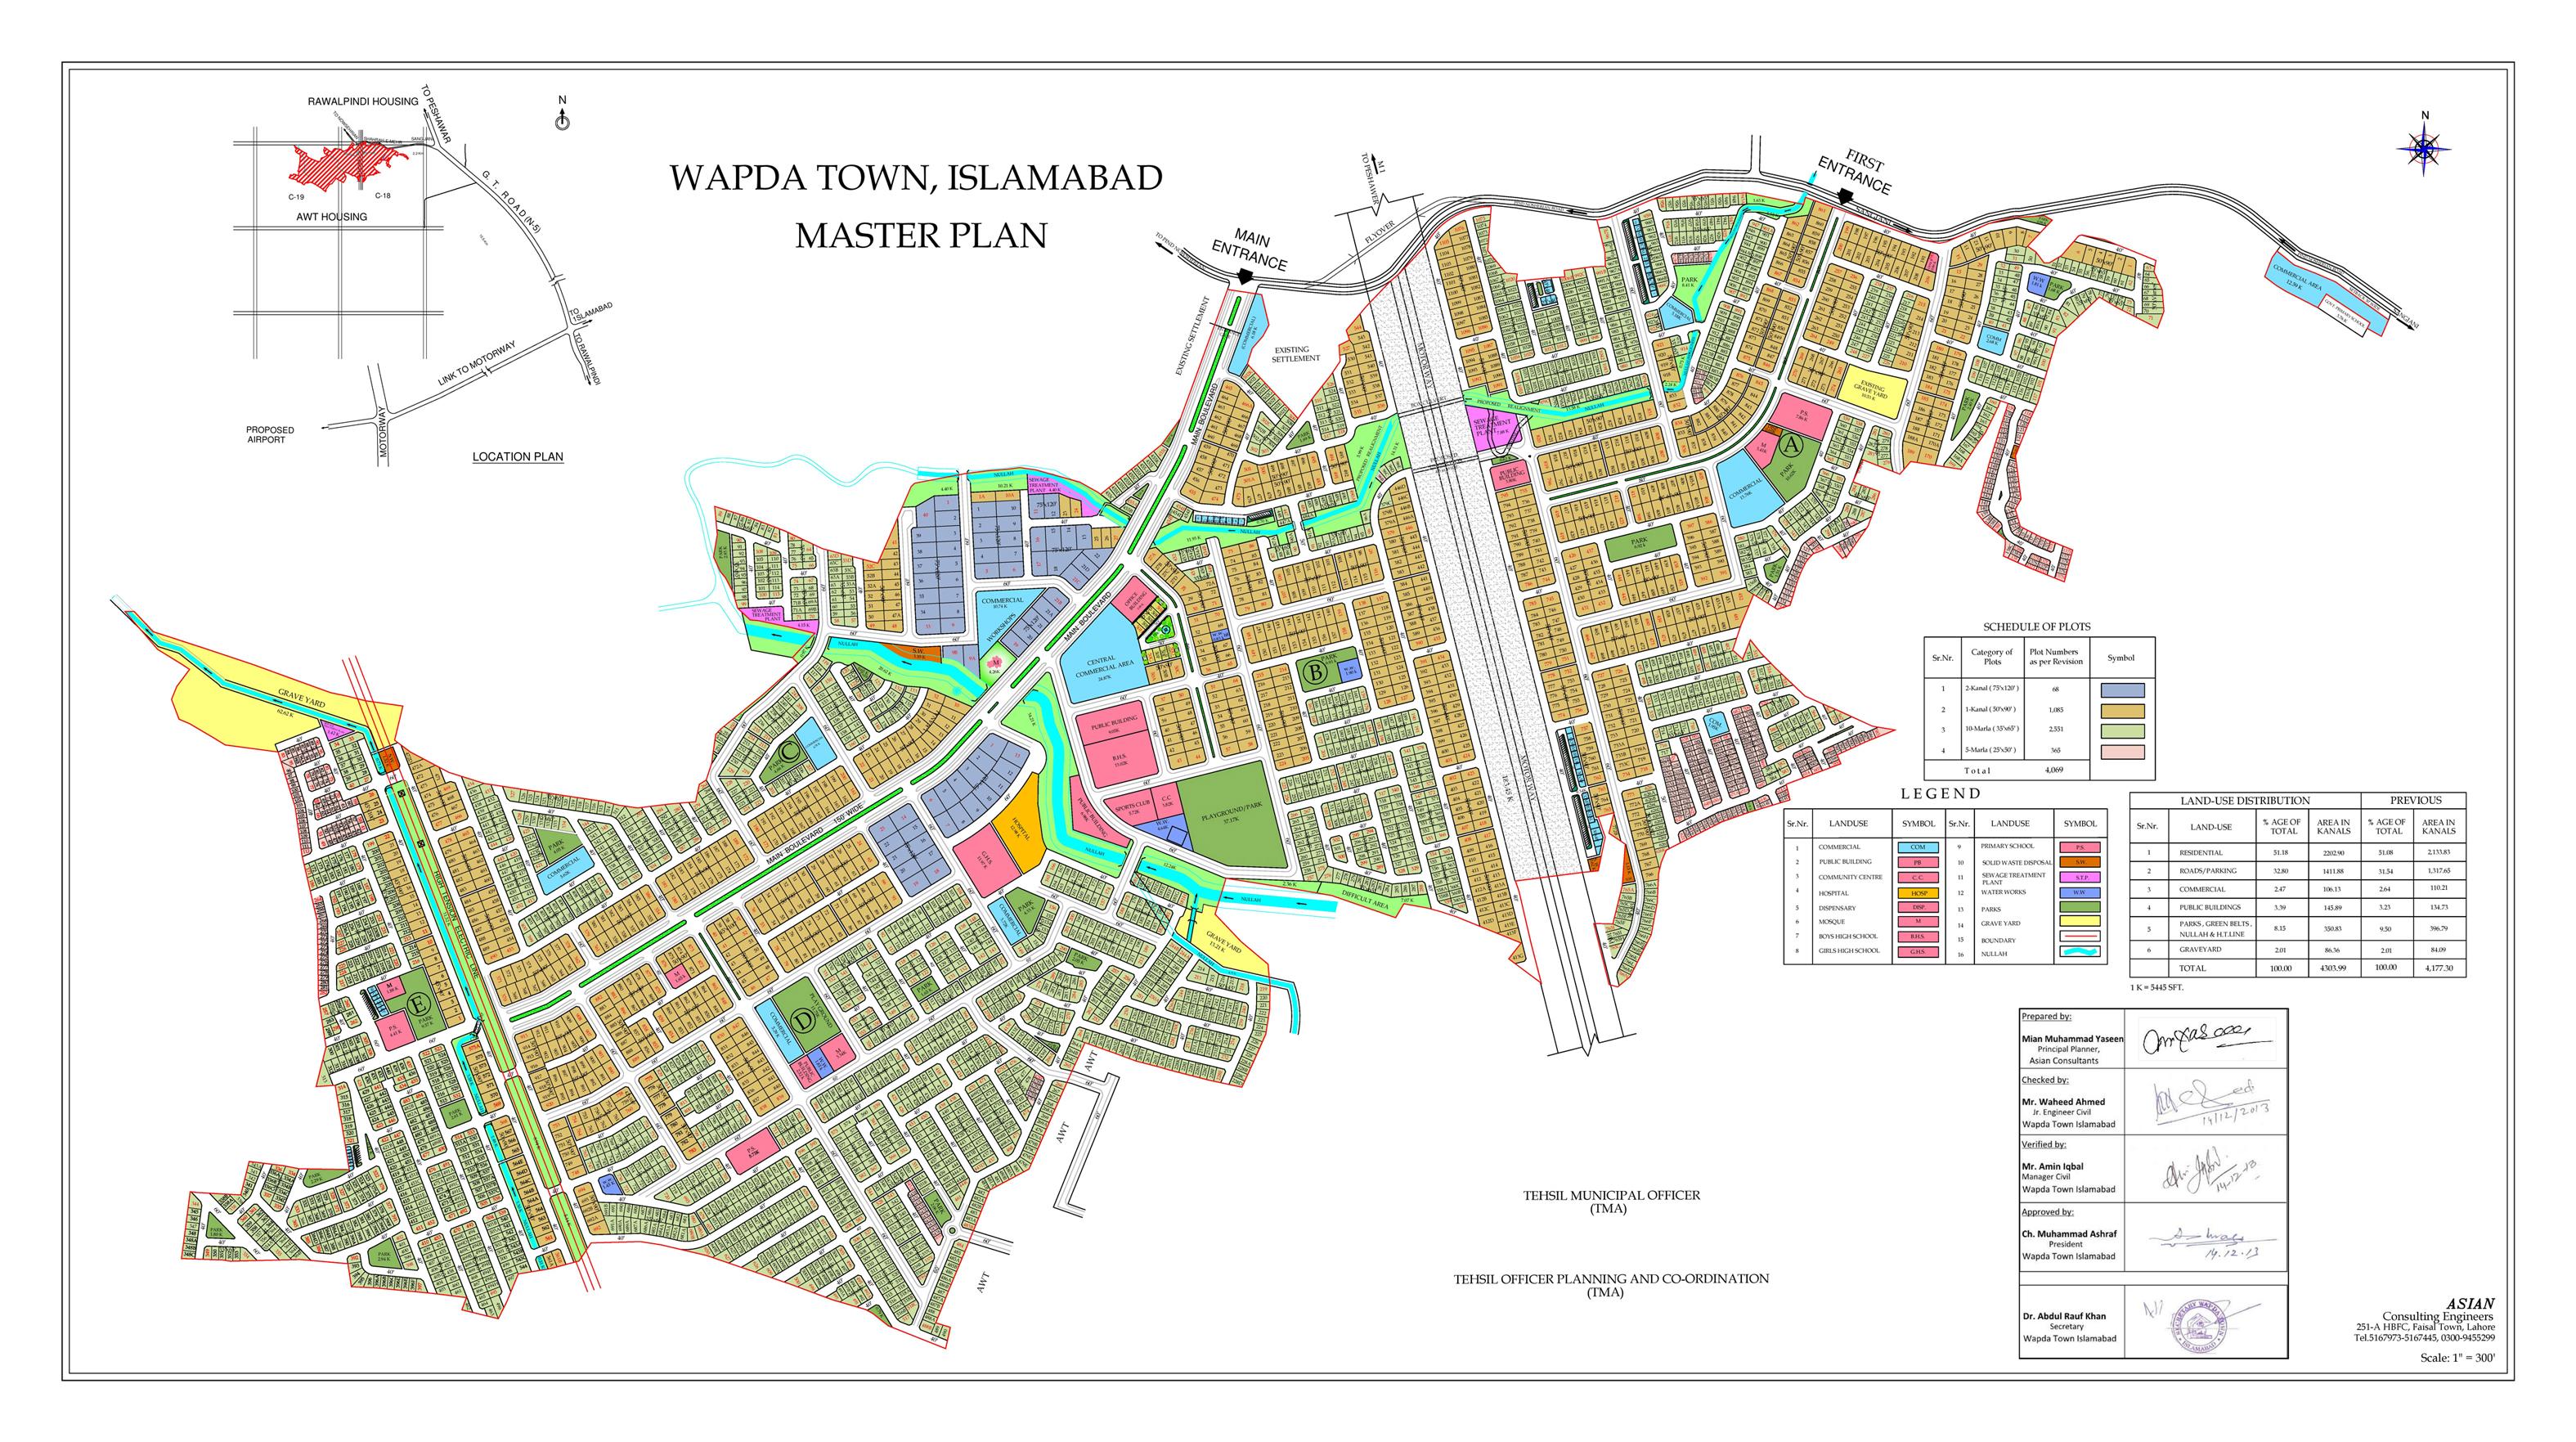 wapda-town-islamabad-map